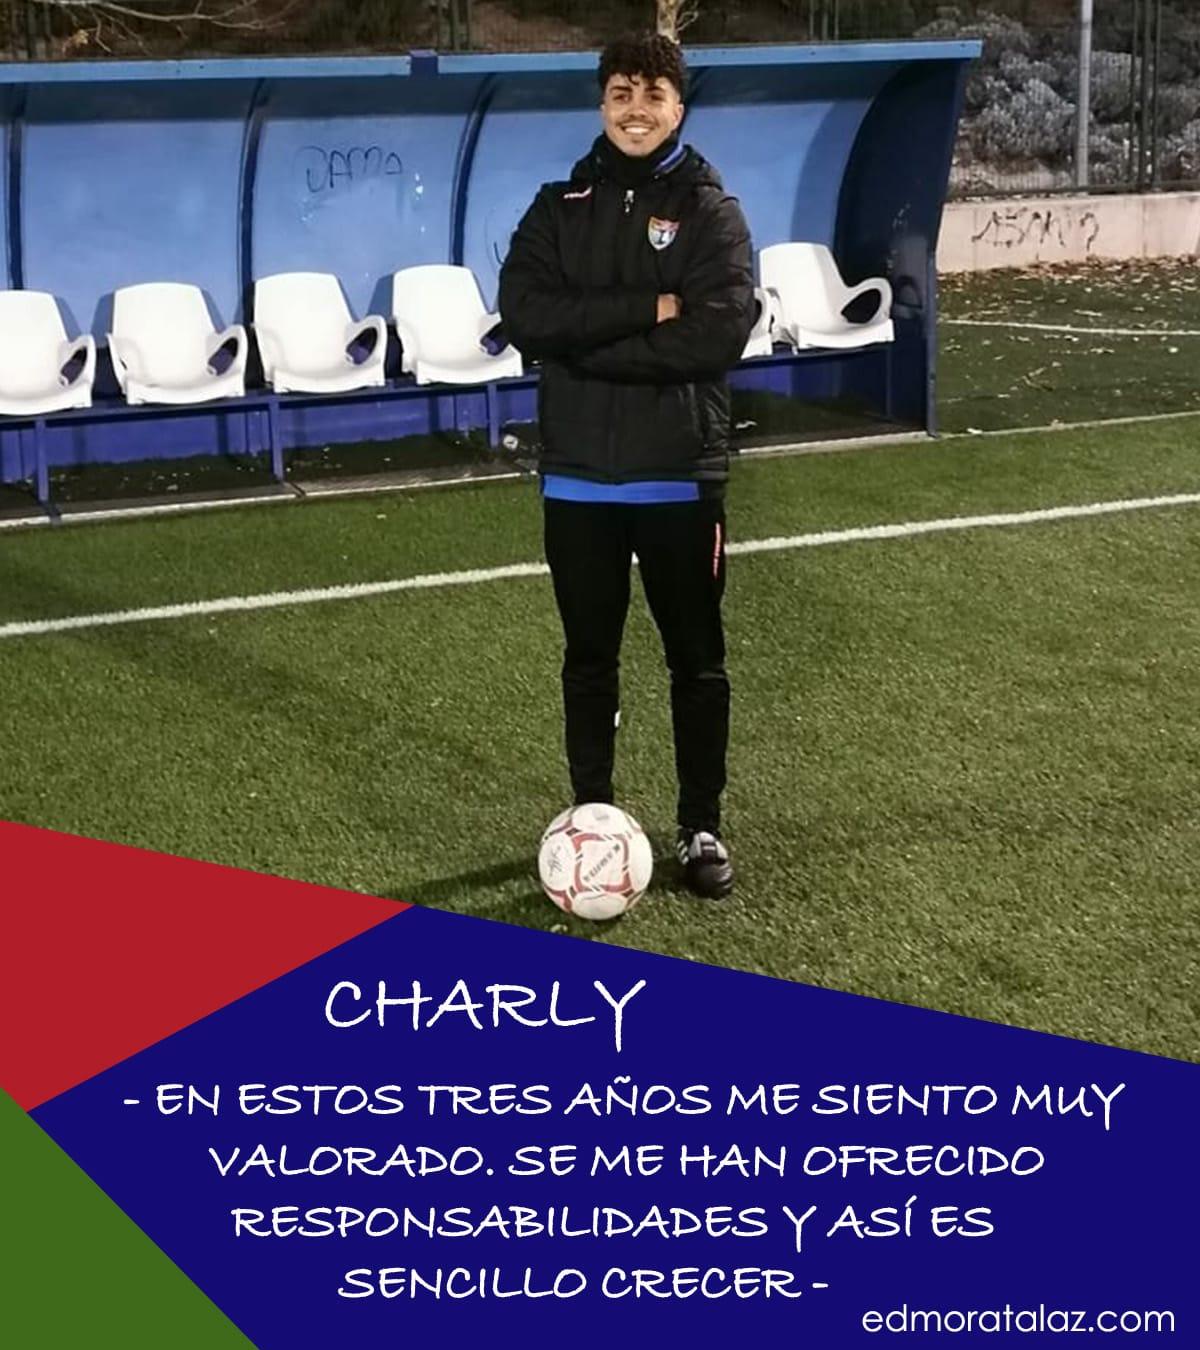 """Carlos Rodríguez: """"En estos 3 años me siento muy valorado. Se me han ofrecido responsabilidades y así es sencillo crecer"""""""